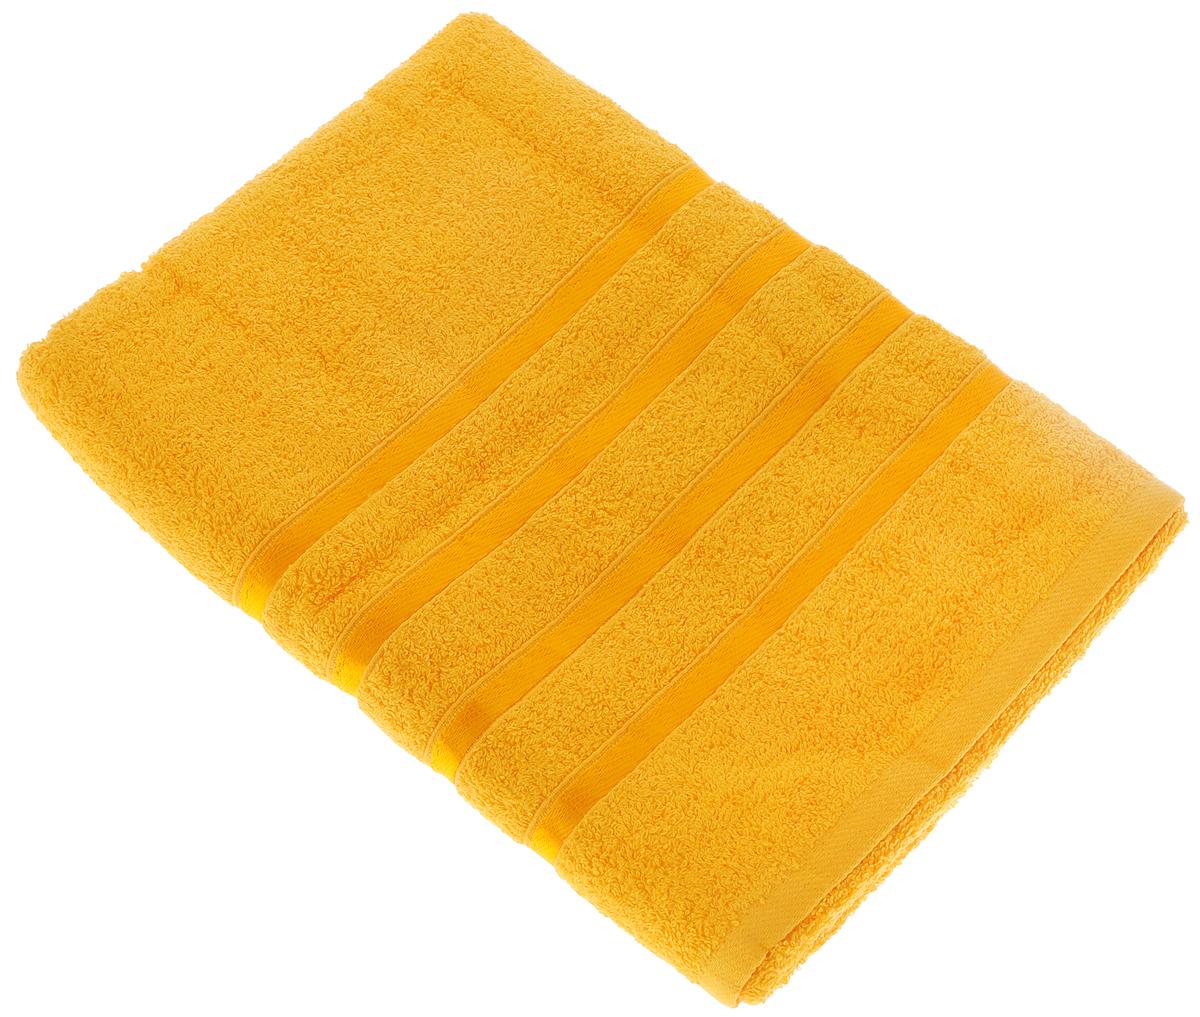 Полотенце Tete-a-Tete Ленты, цвет: ярко-желтый, 70 х 135 см1004900000360Полотенце Tete-a-Tete Ленты выполнено из натуральной махровой ткани (100% хлопок). Изделие отлично впитывает влагу, быстро сохнет, сохраняет яркость цвета и не теряет форму даже после многократных стирок. Полотенце очень практично и неприхотливо в уходе. Оно станет достойным выбором для вас и приятным подарком для ваших близких.